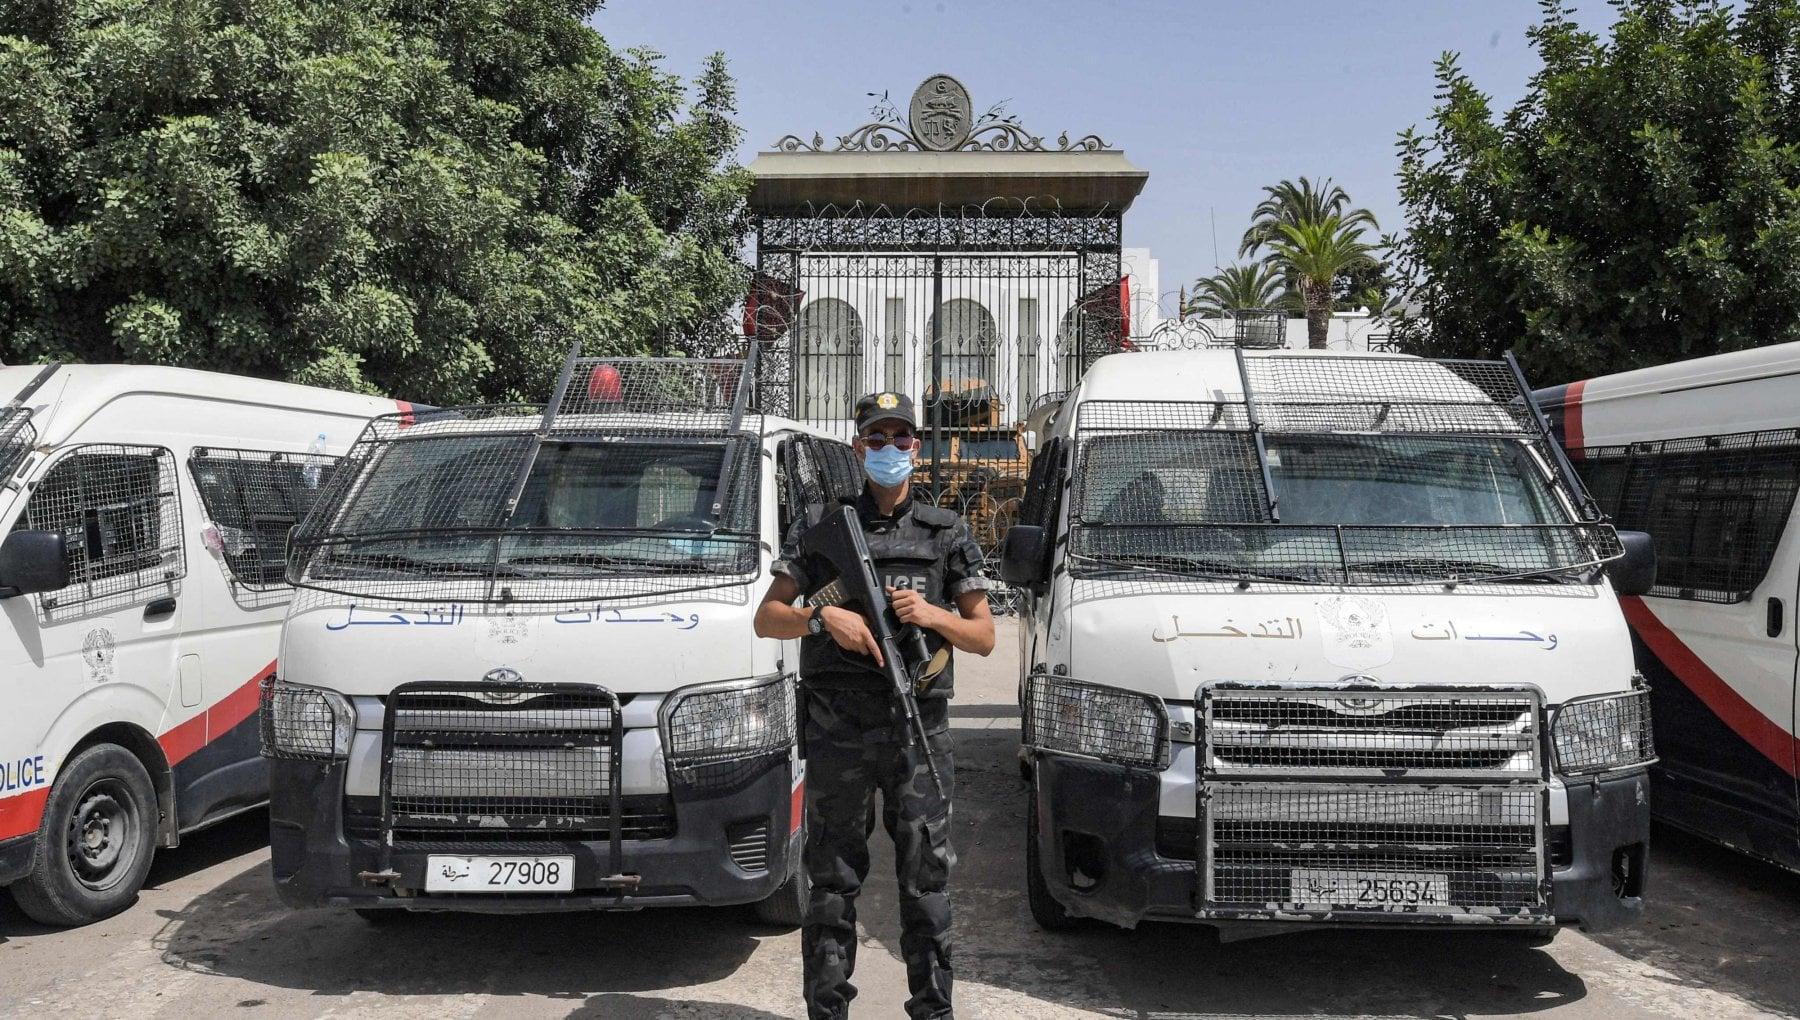 171824991 859559d6 ba84 4f56 b926 79db4ca419c7 - Tunisia, manette ai deputati condannati. Agli arresti anche un giudice